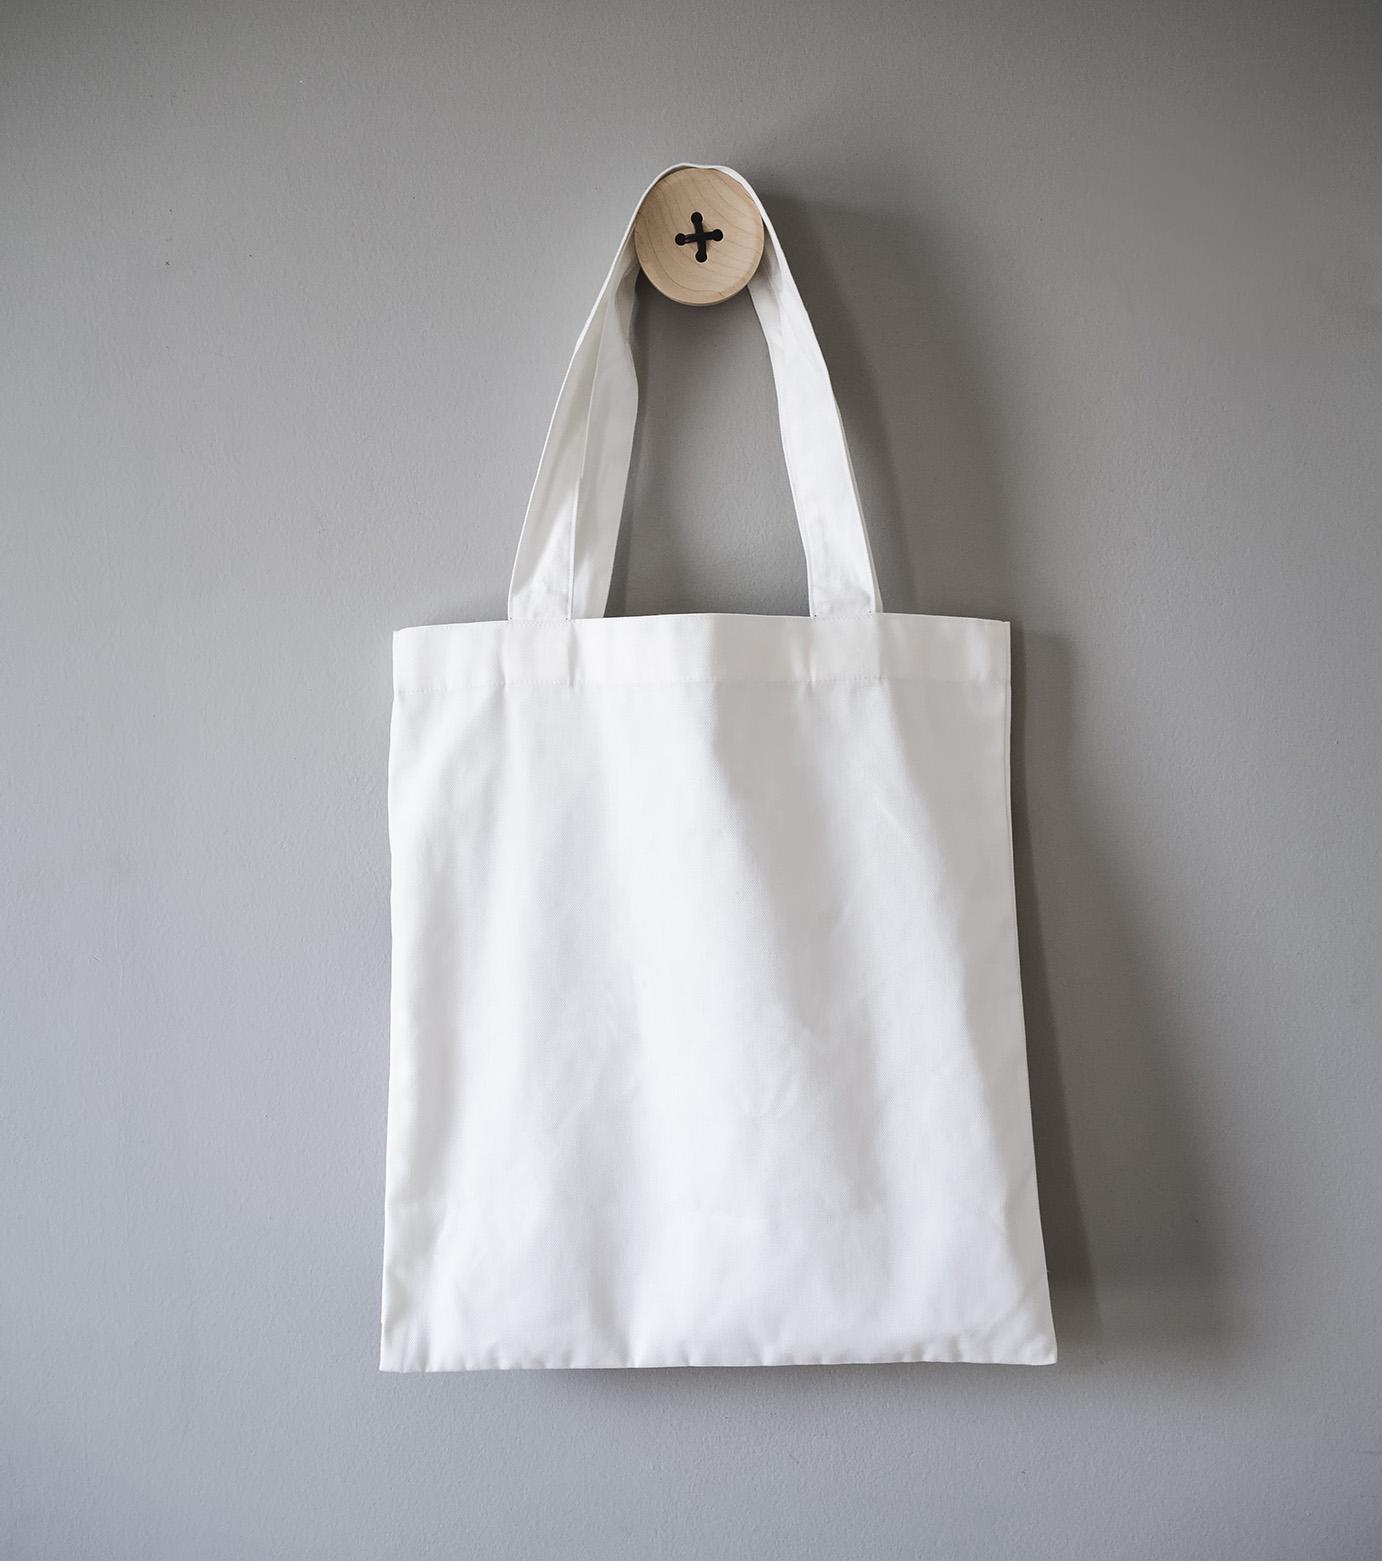 Βαμβακερή Τσάντα με Σχέδιο Μεταξοτυπίας